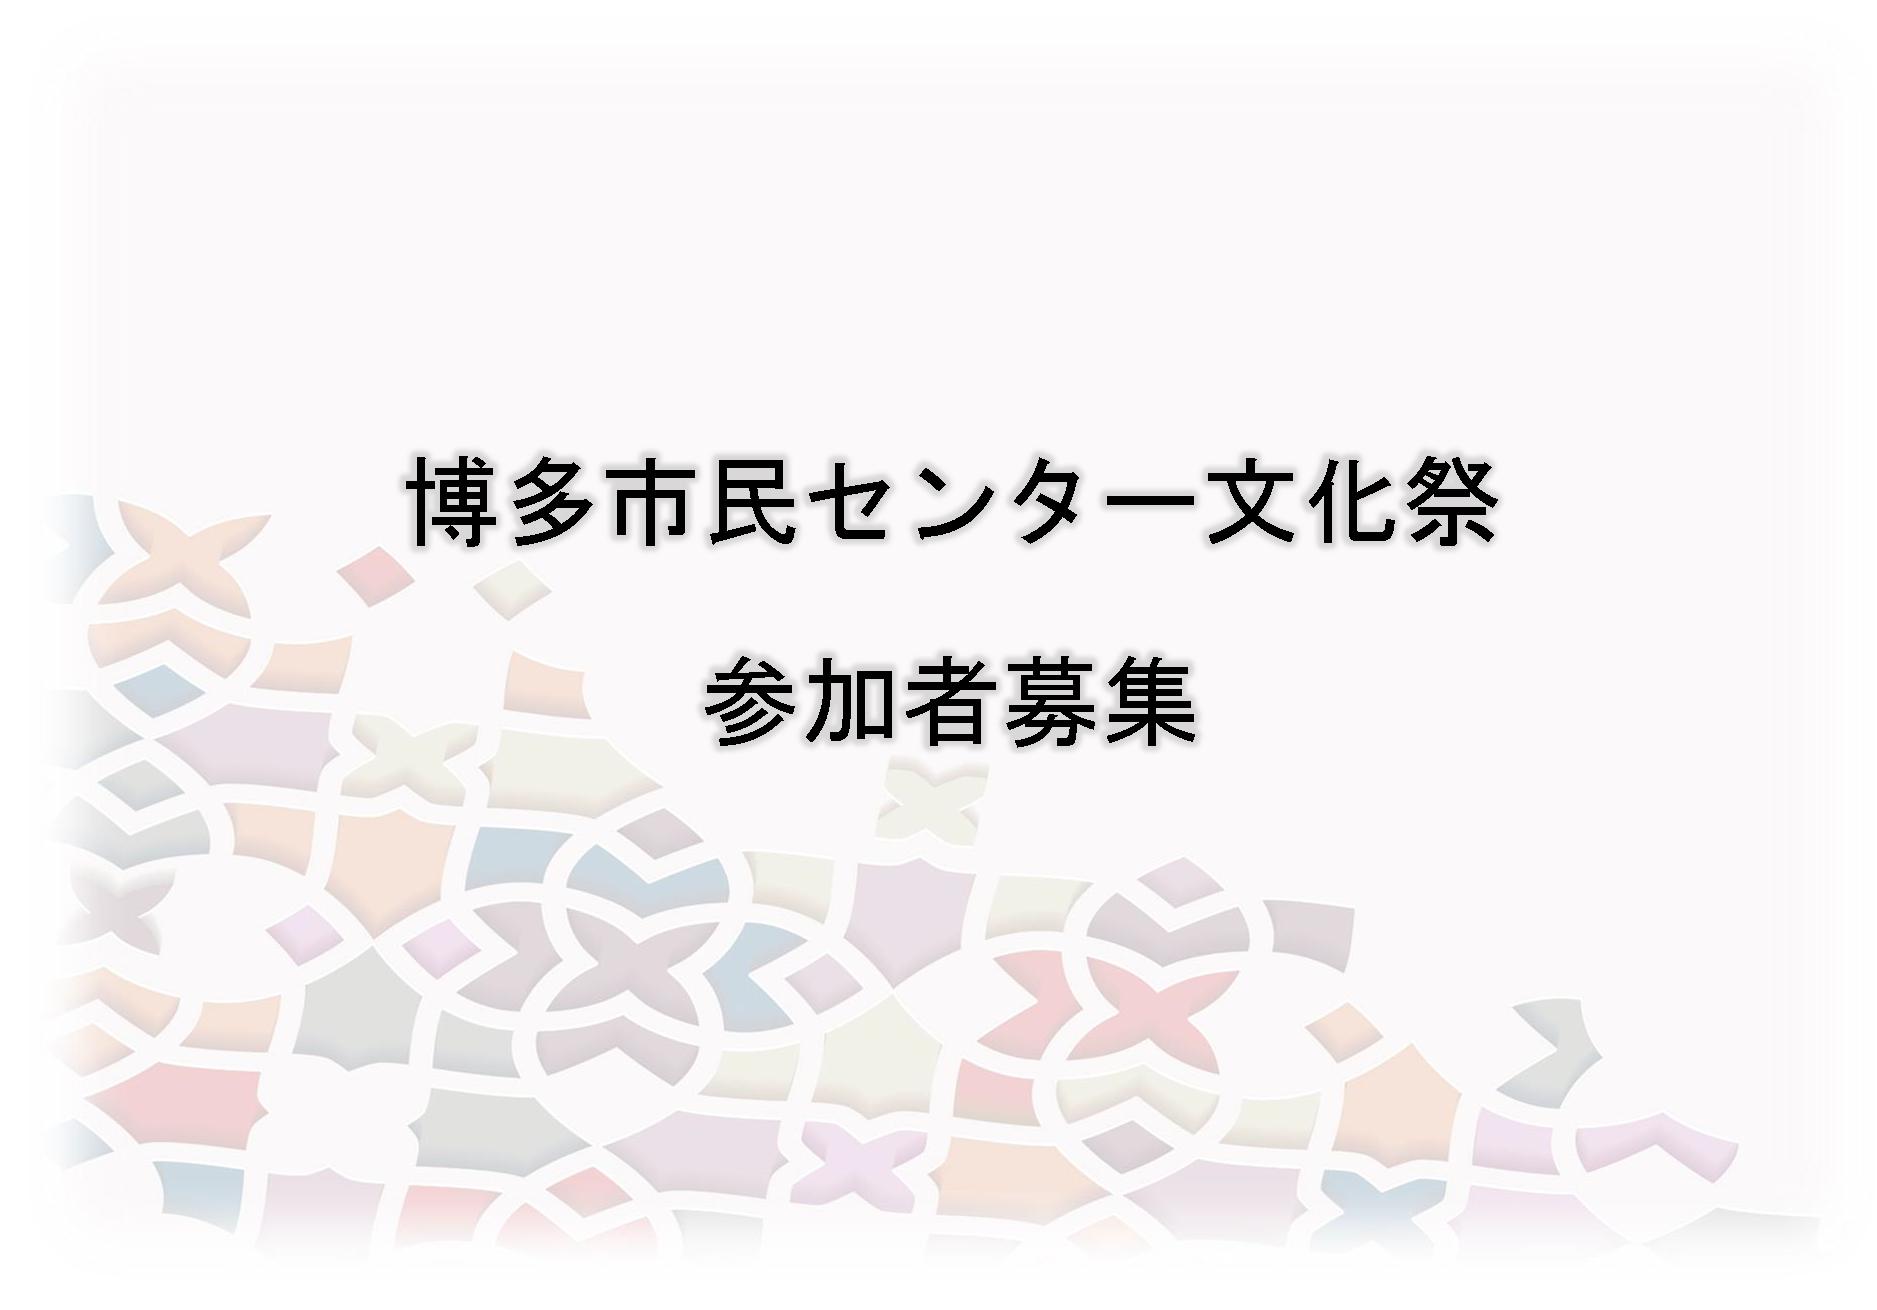 博多市民センター文化祭 参加者募集